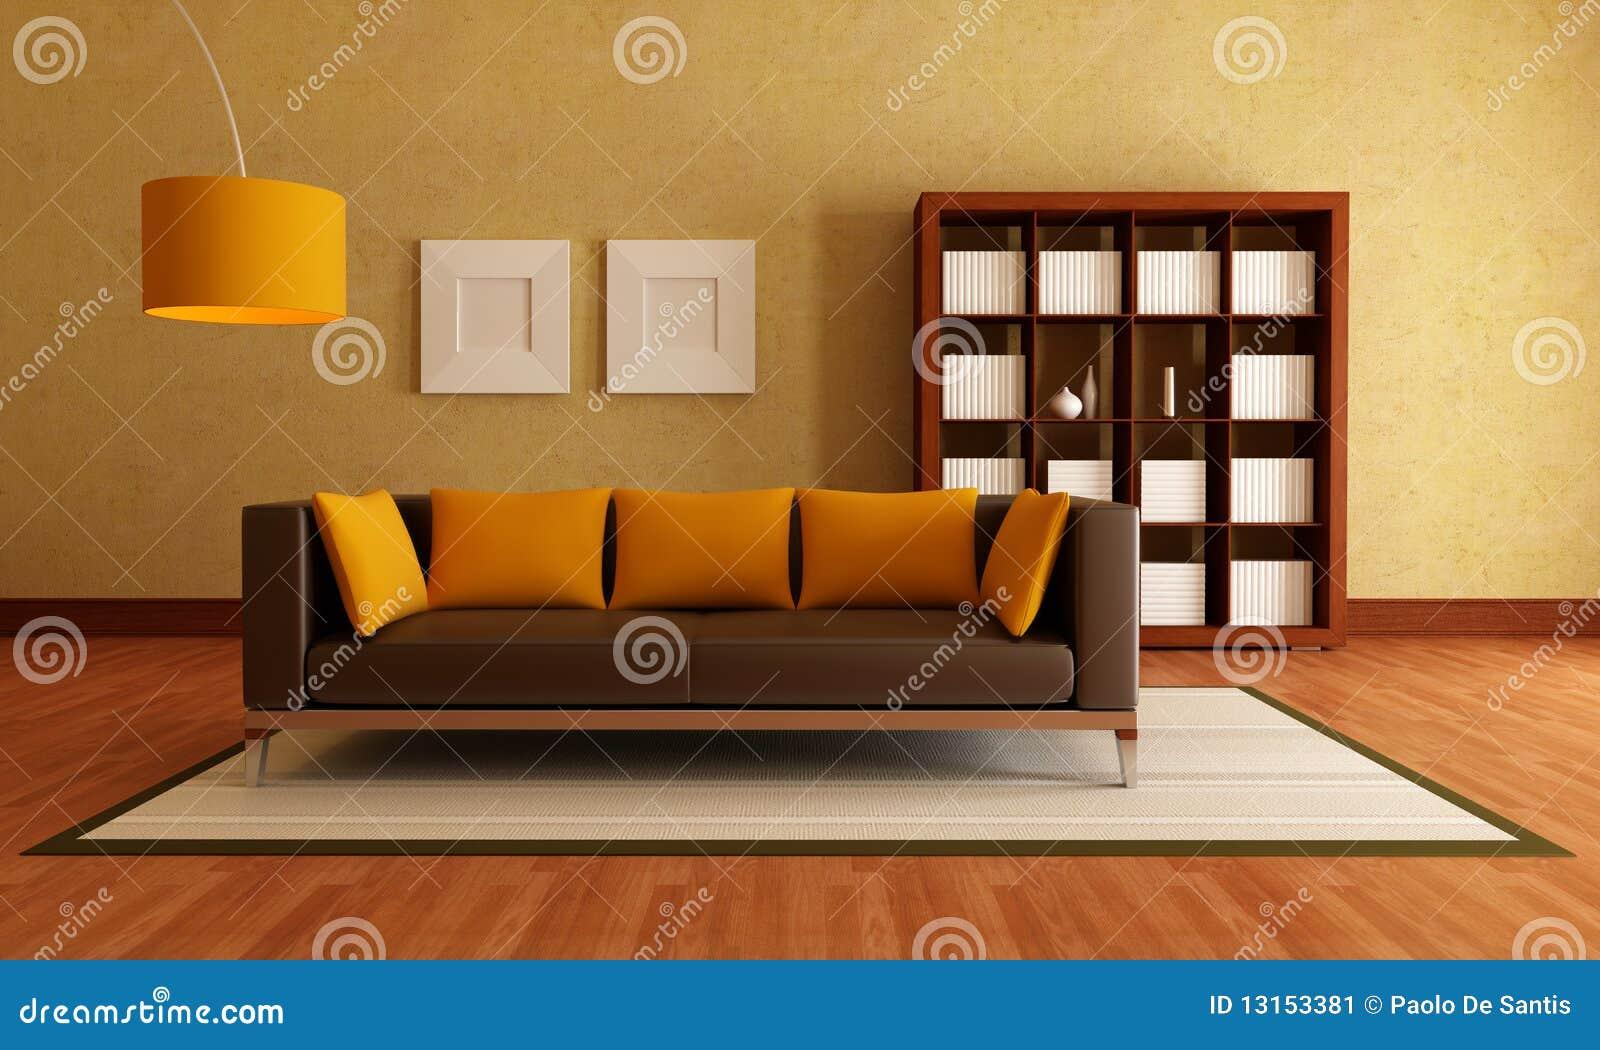 Brown Und Orange Wohnzimmer Stock Abbildung - Illustration von relax ...